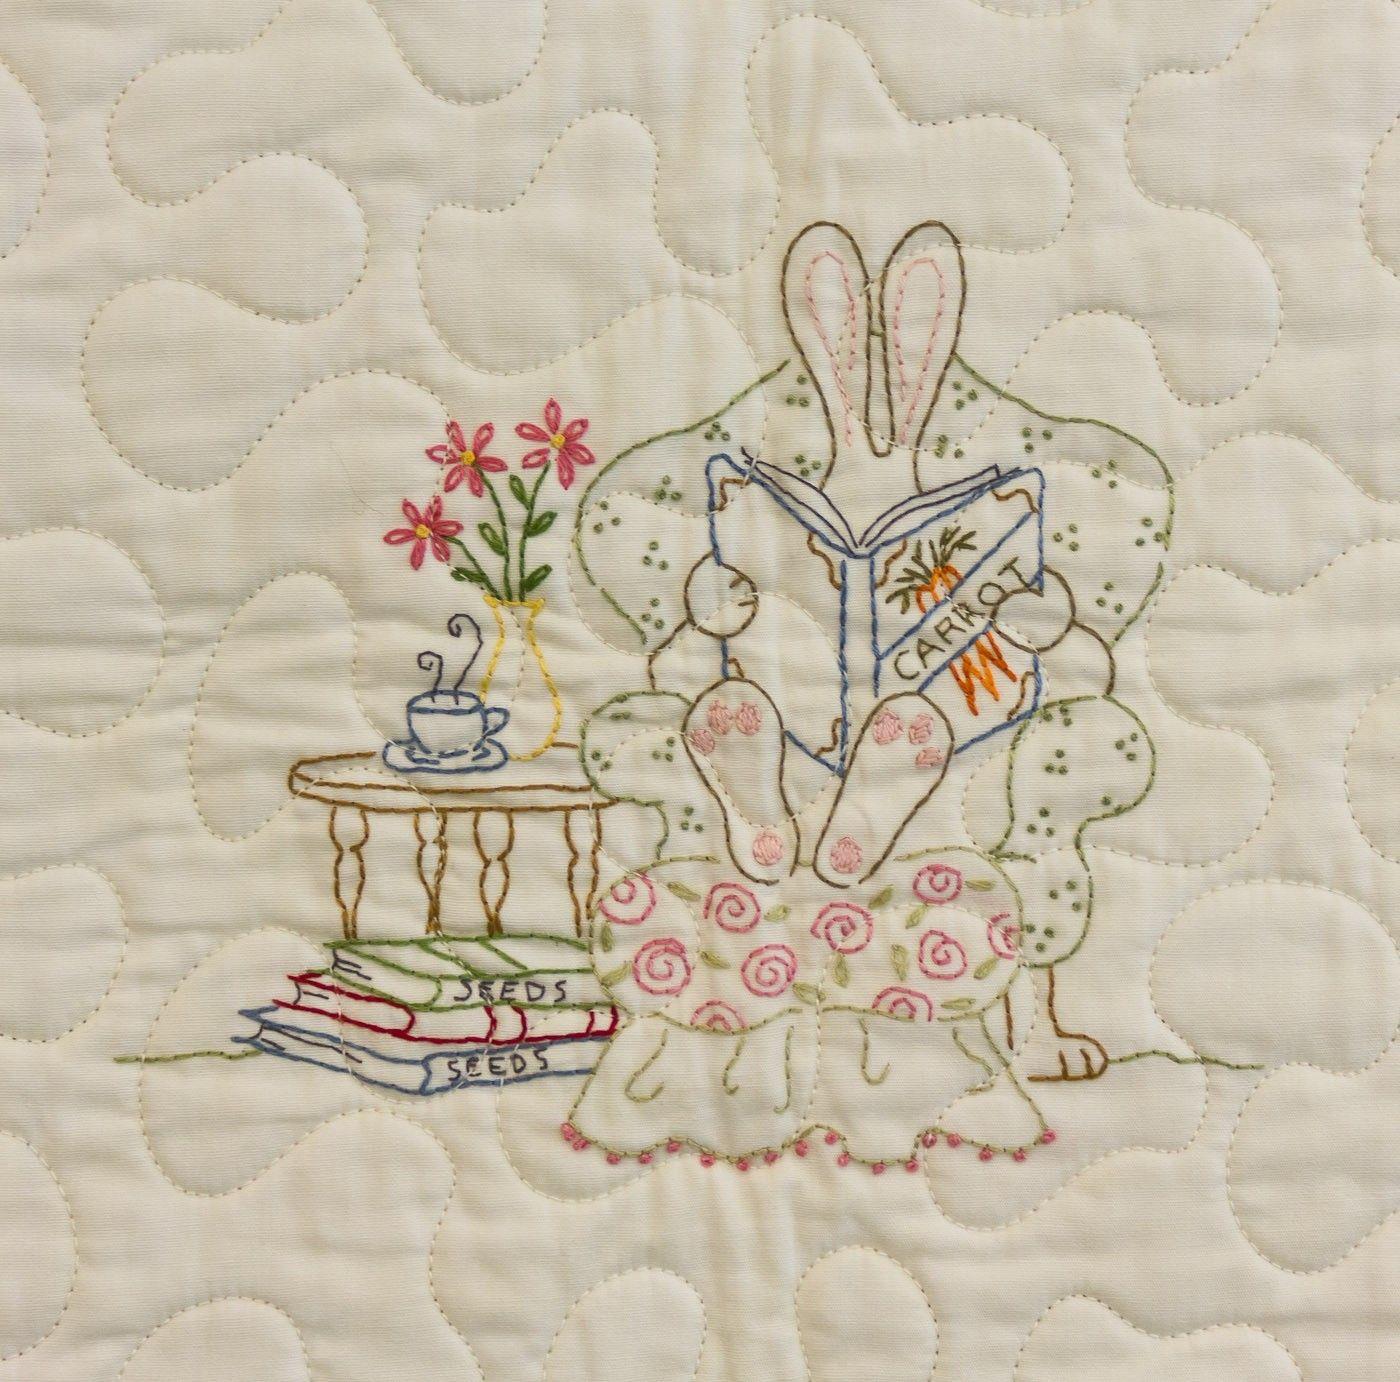 Quilt Pattern - Honneybunny\'s Garden Quilt - Crabapple Hill Studio ...